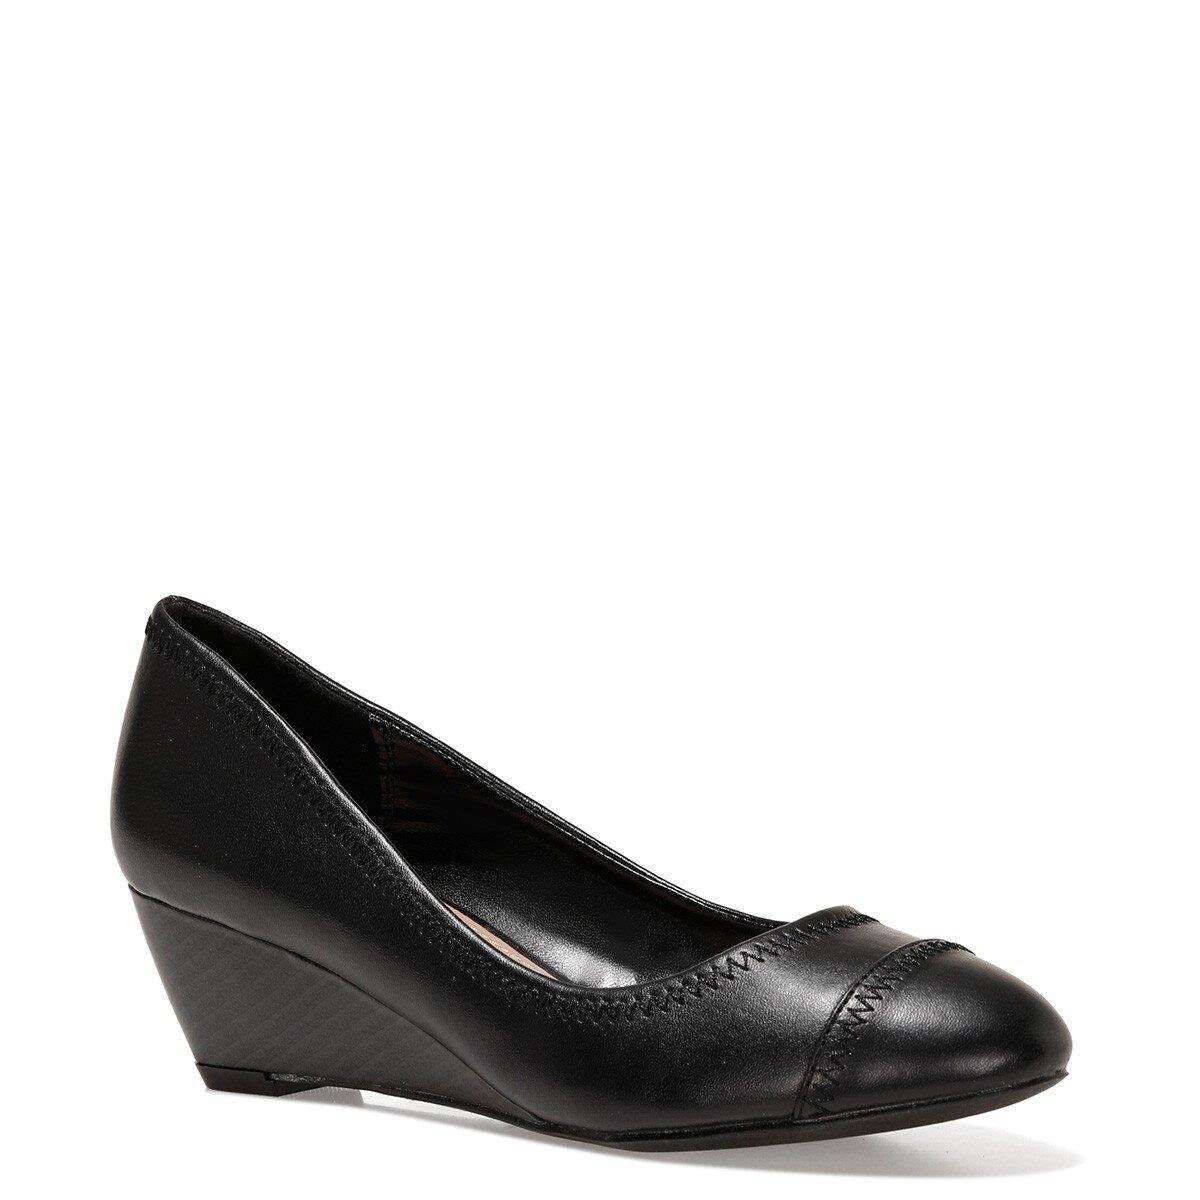 BLOCKER 1FX Siyah Kadın Dolgu Topuk Ayakkabı